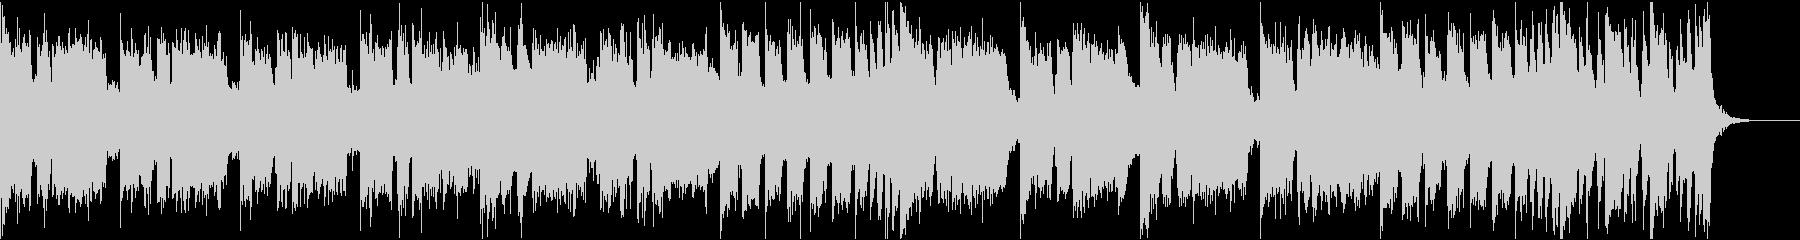 39秒でサビ、琴、電子音ダーク/静かめの未再生の波形